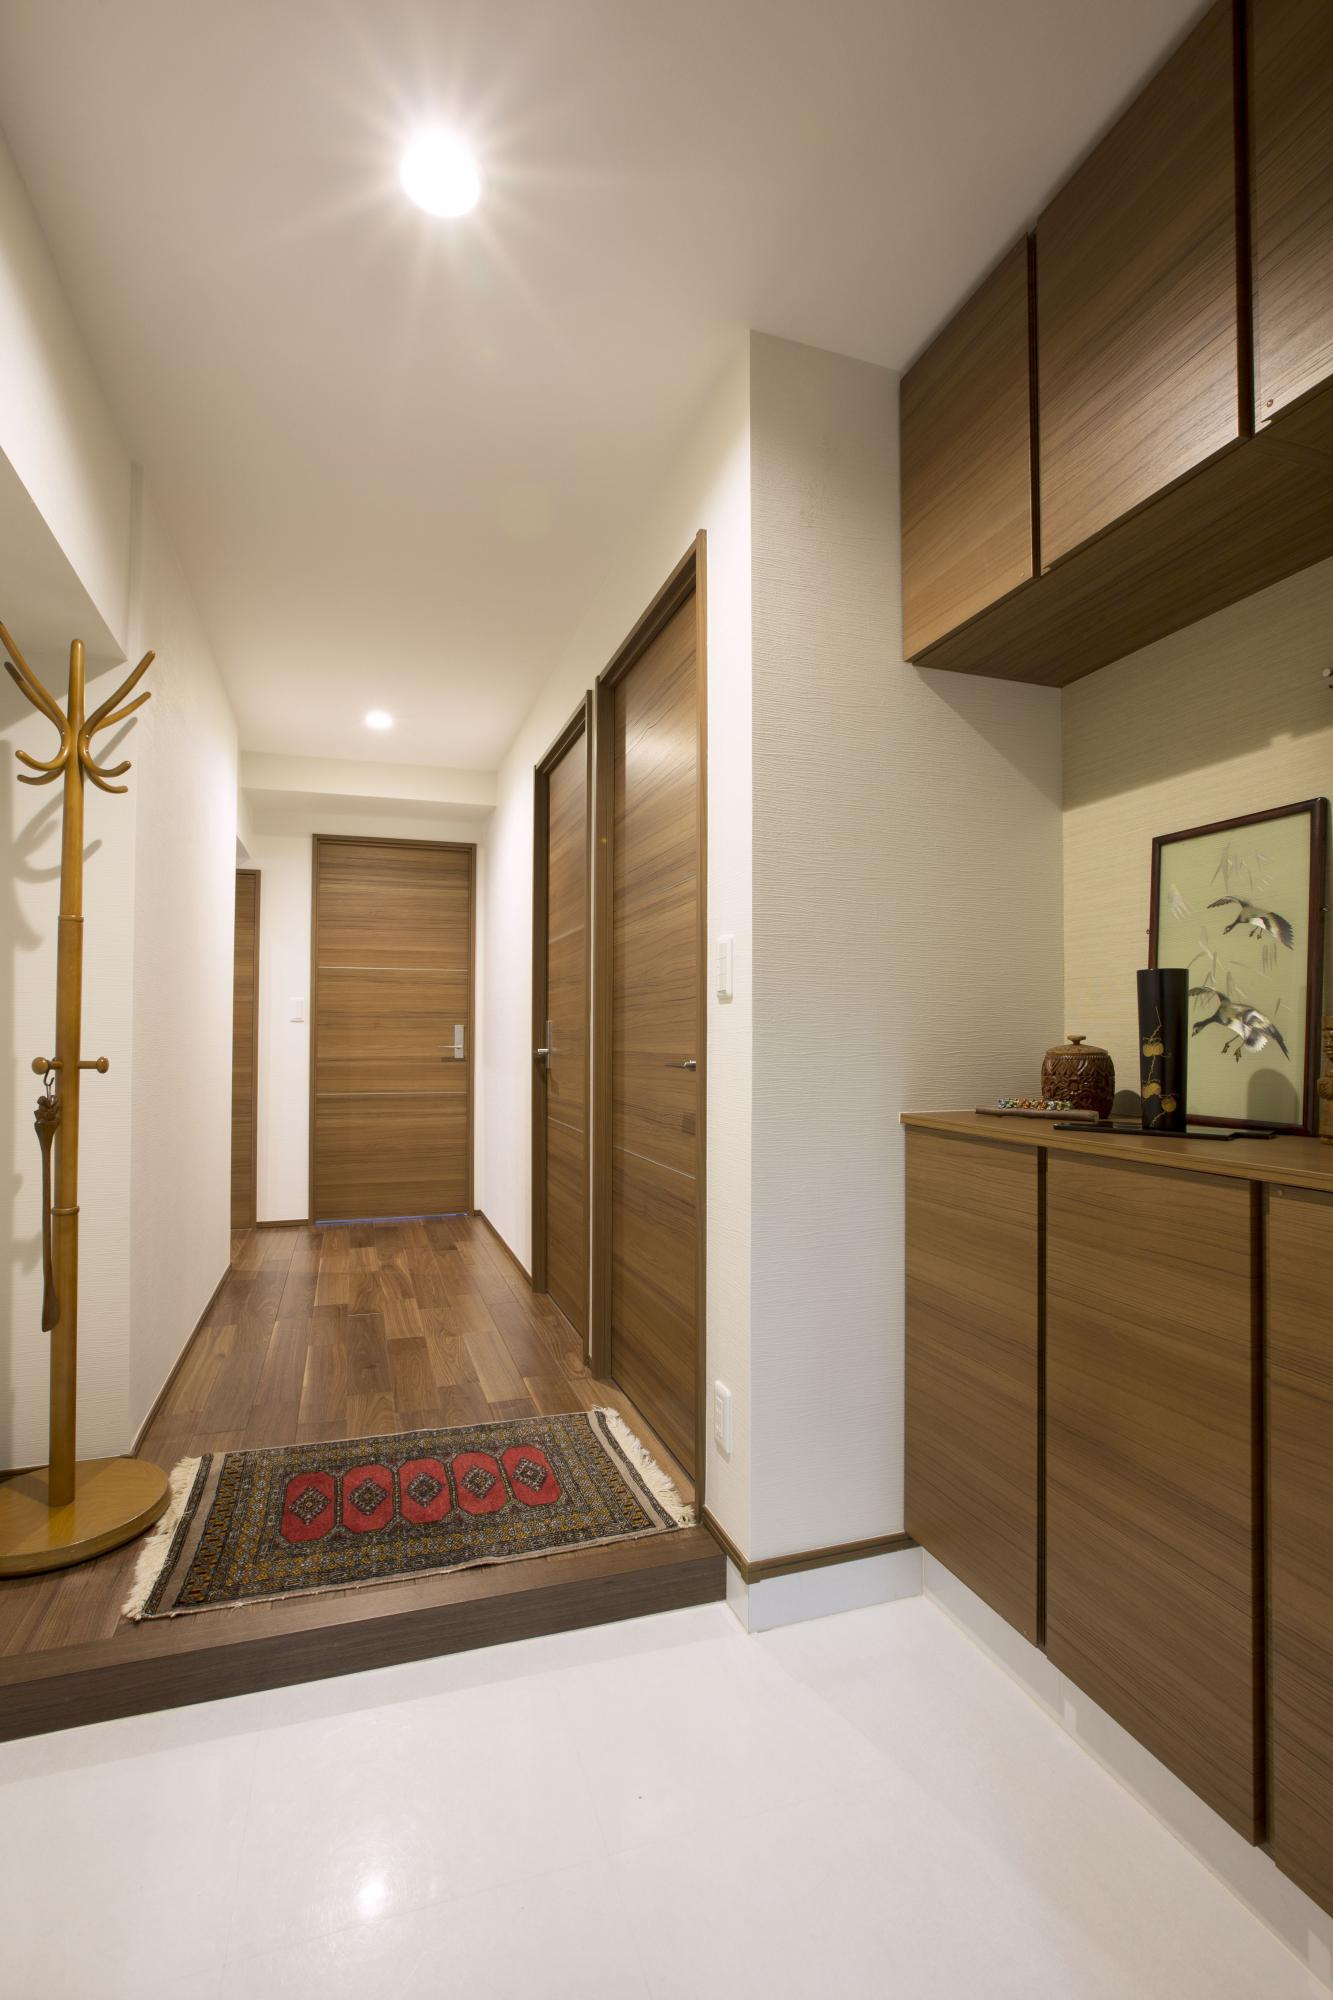 隣接する洋室側の収納スペースを取り込んで、床面積を2倍近く広げた玄関。タイル床も光沢のある白色に貼り替えて明るく仕上げた。